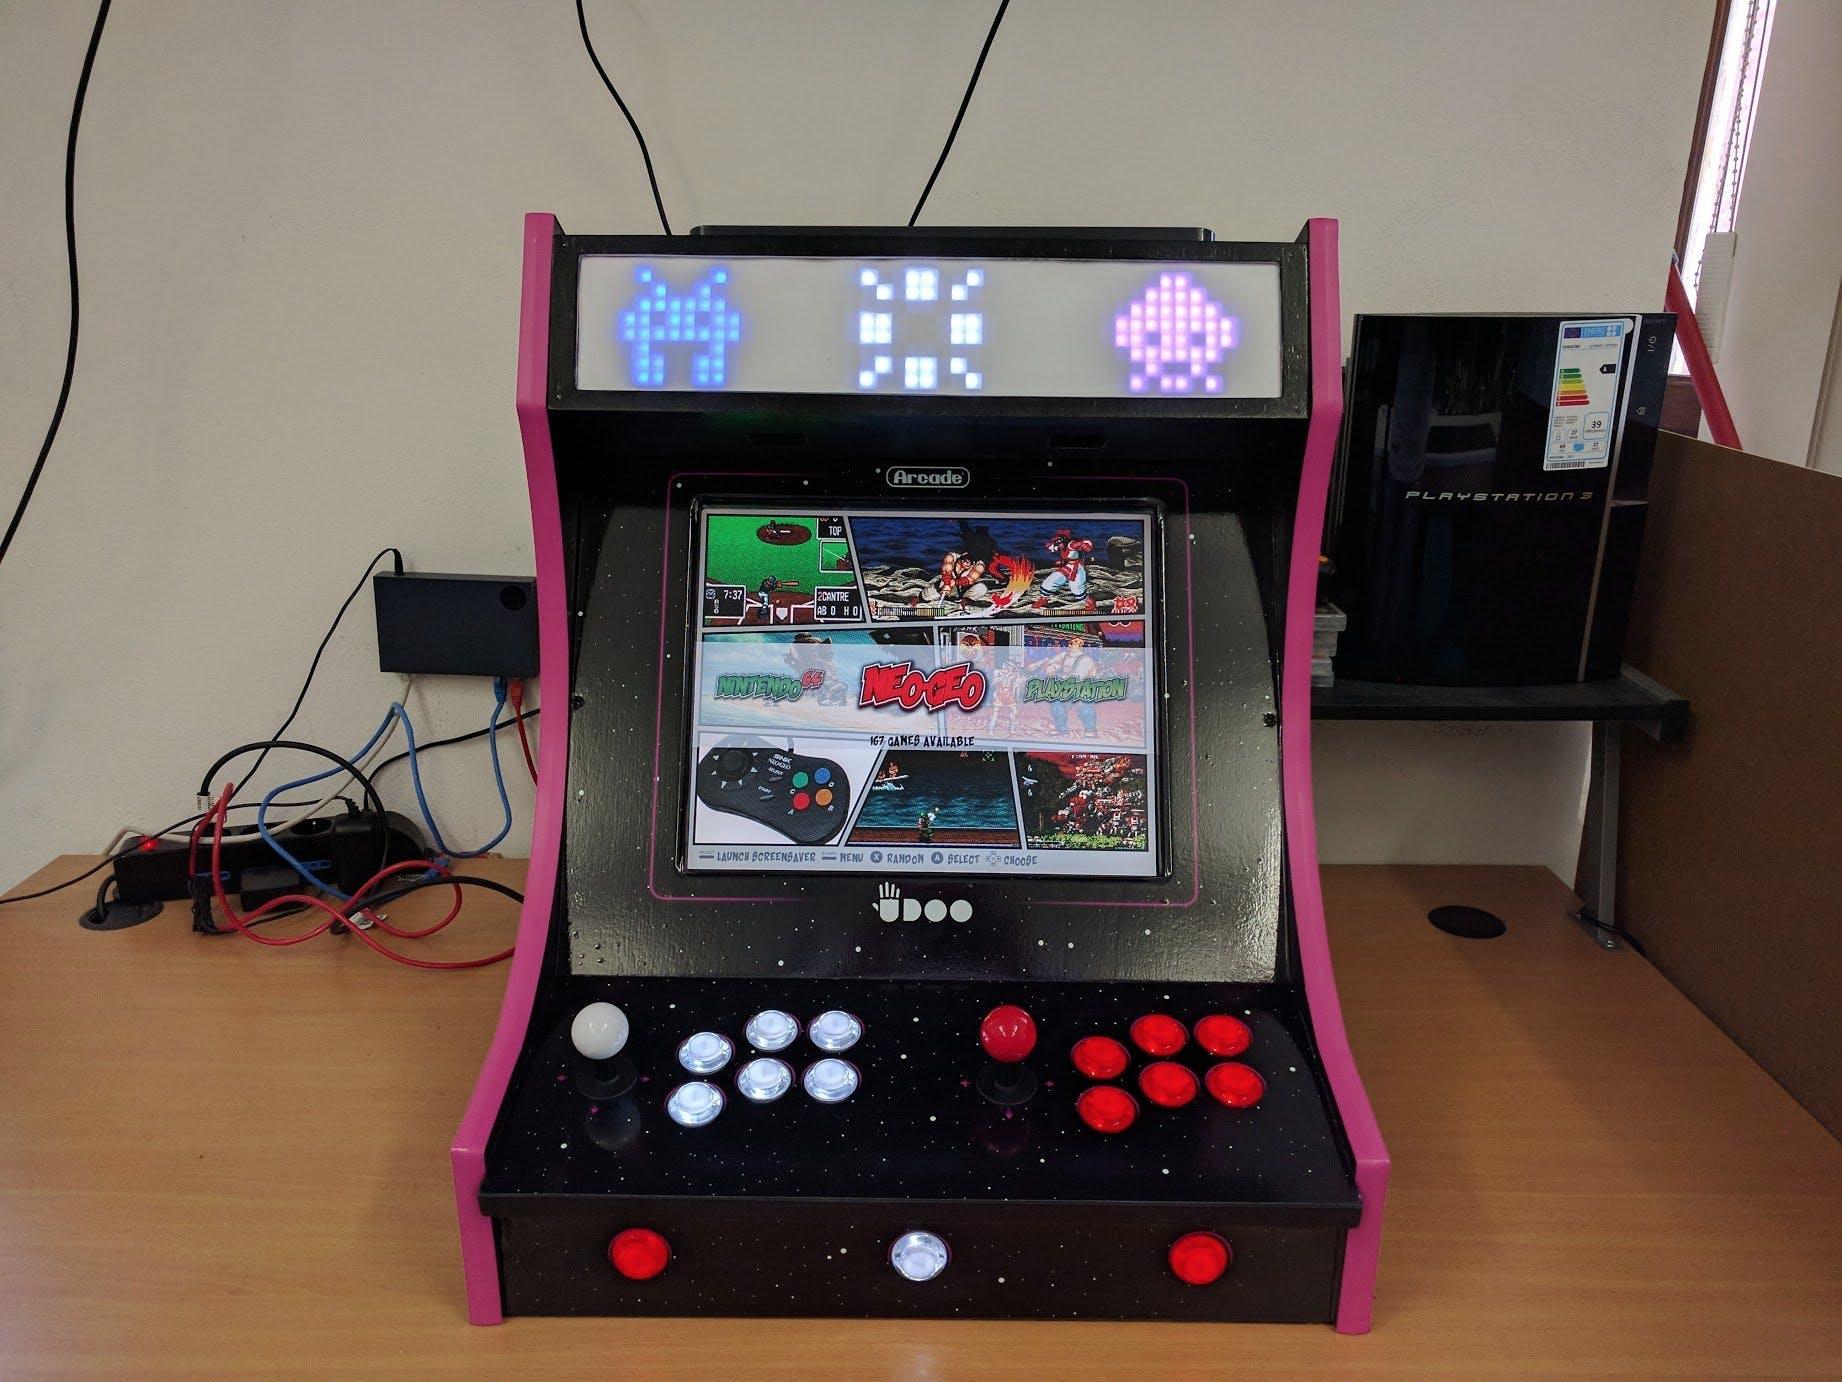 Bartop Arcade Cabinet with UDOO X86